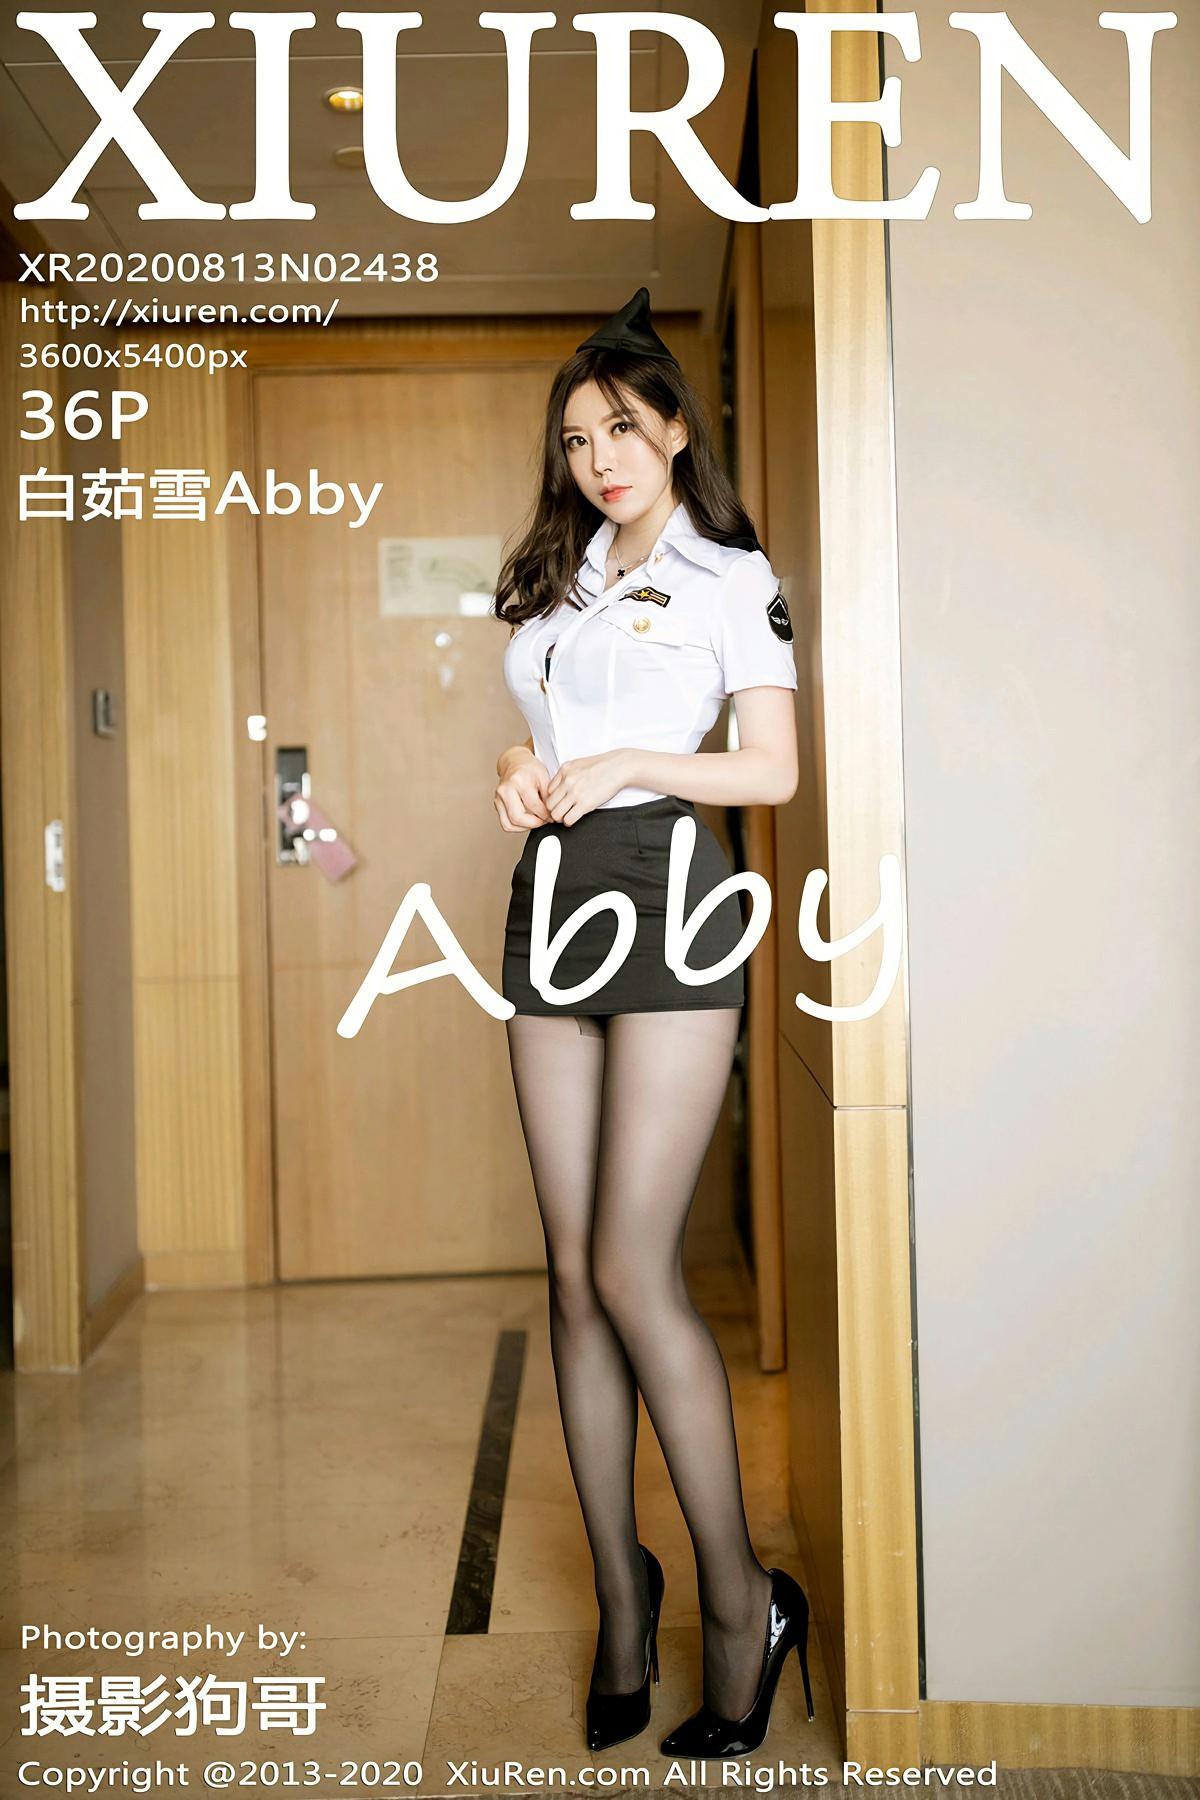 [XiuRen秀人网] 2020.08.13 No.2438 白茹雪Abby 第1张